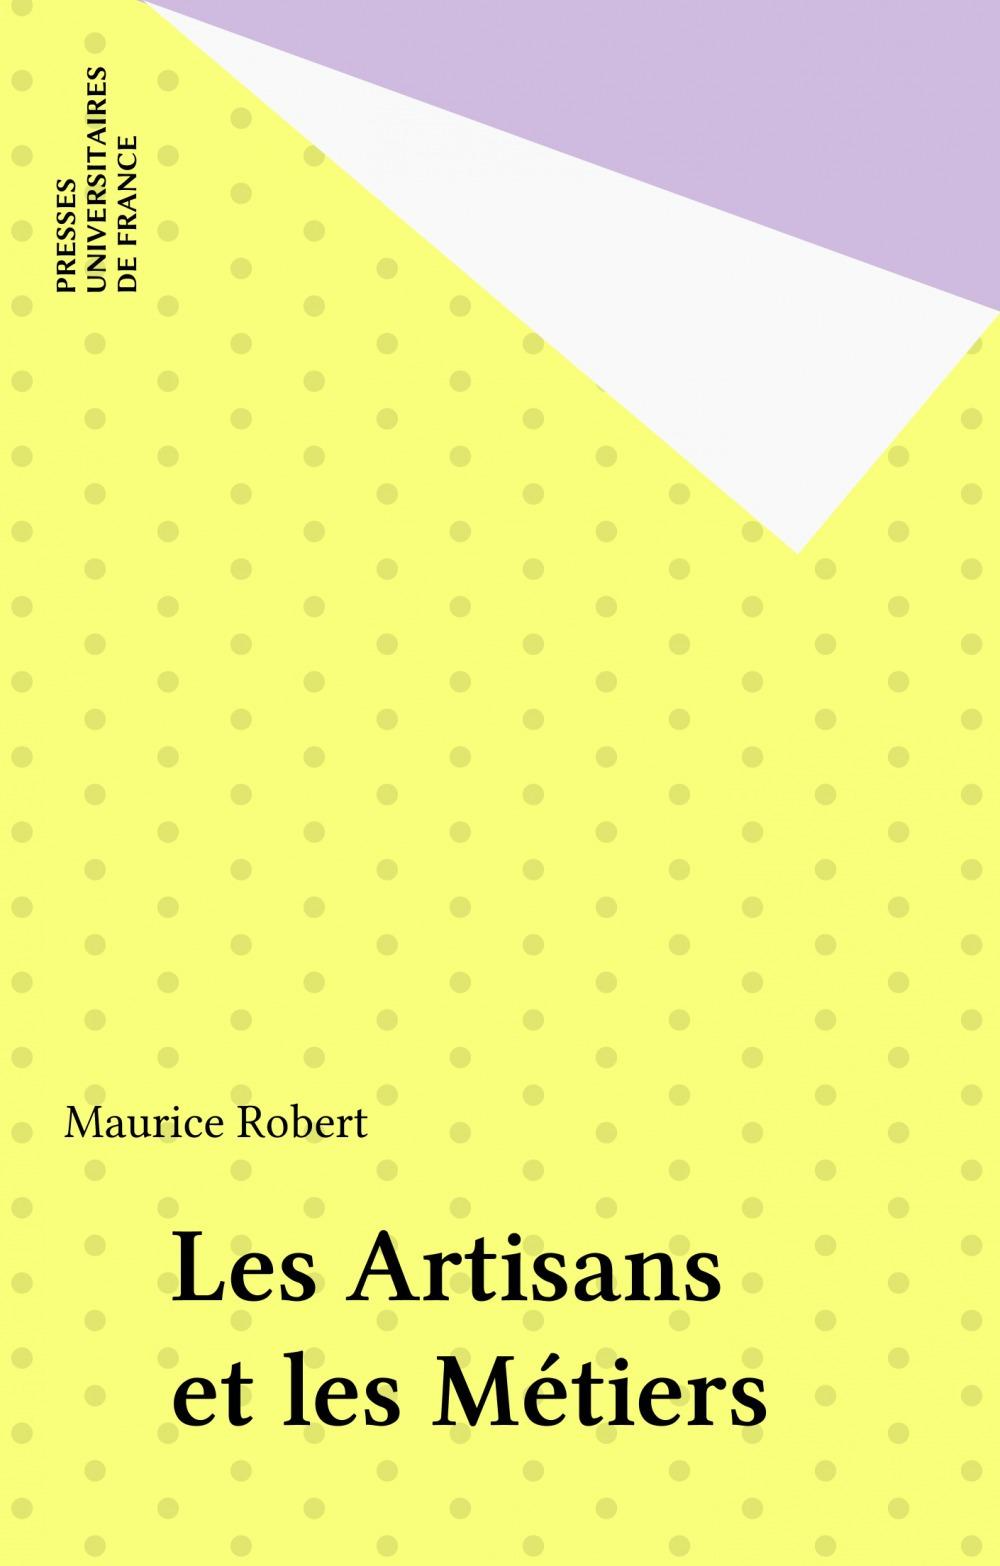 Les artisans et les métiers